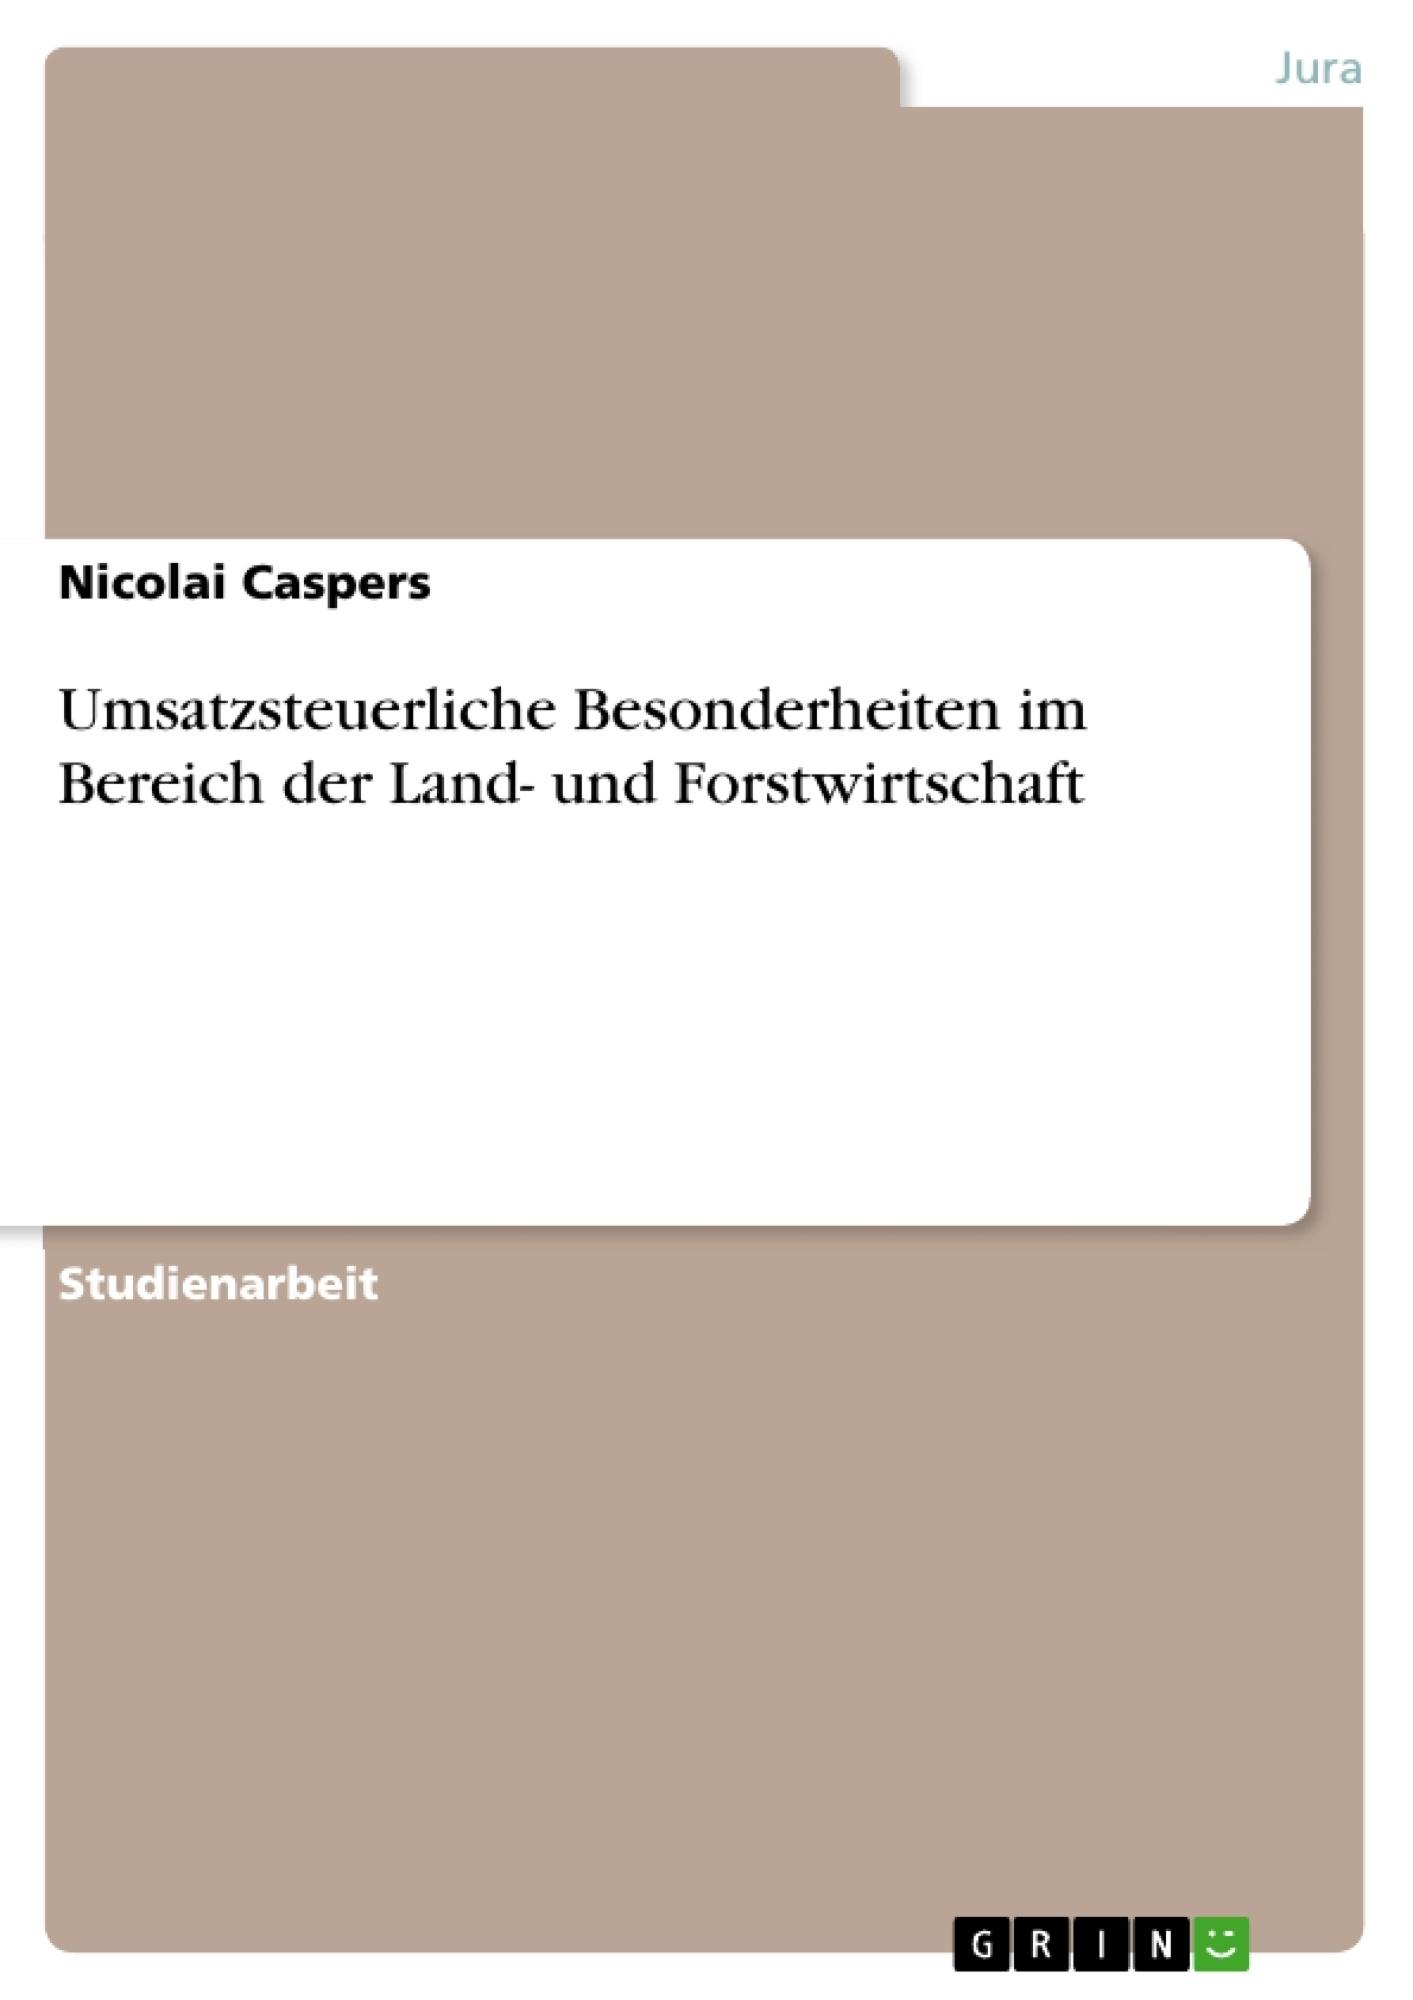 Titel: Umsatzsteuerliche Besonderheiten im Bereich der Land- und Forstwirtschaft